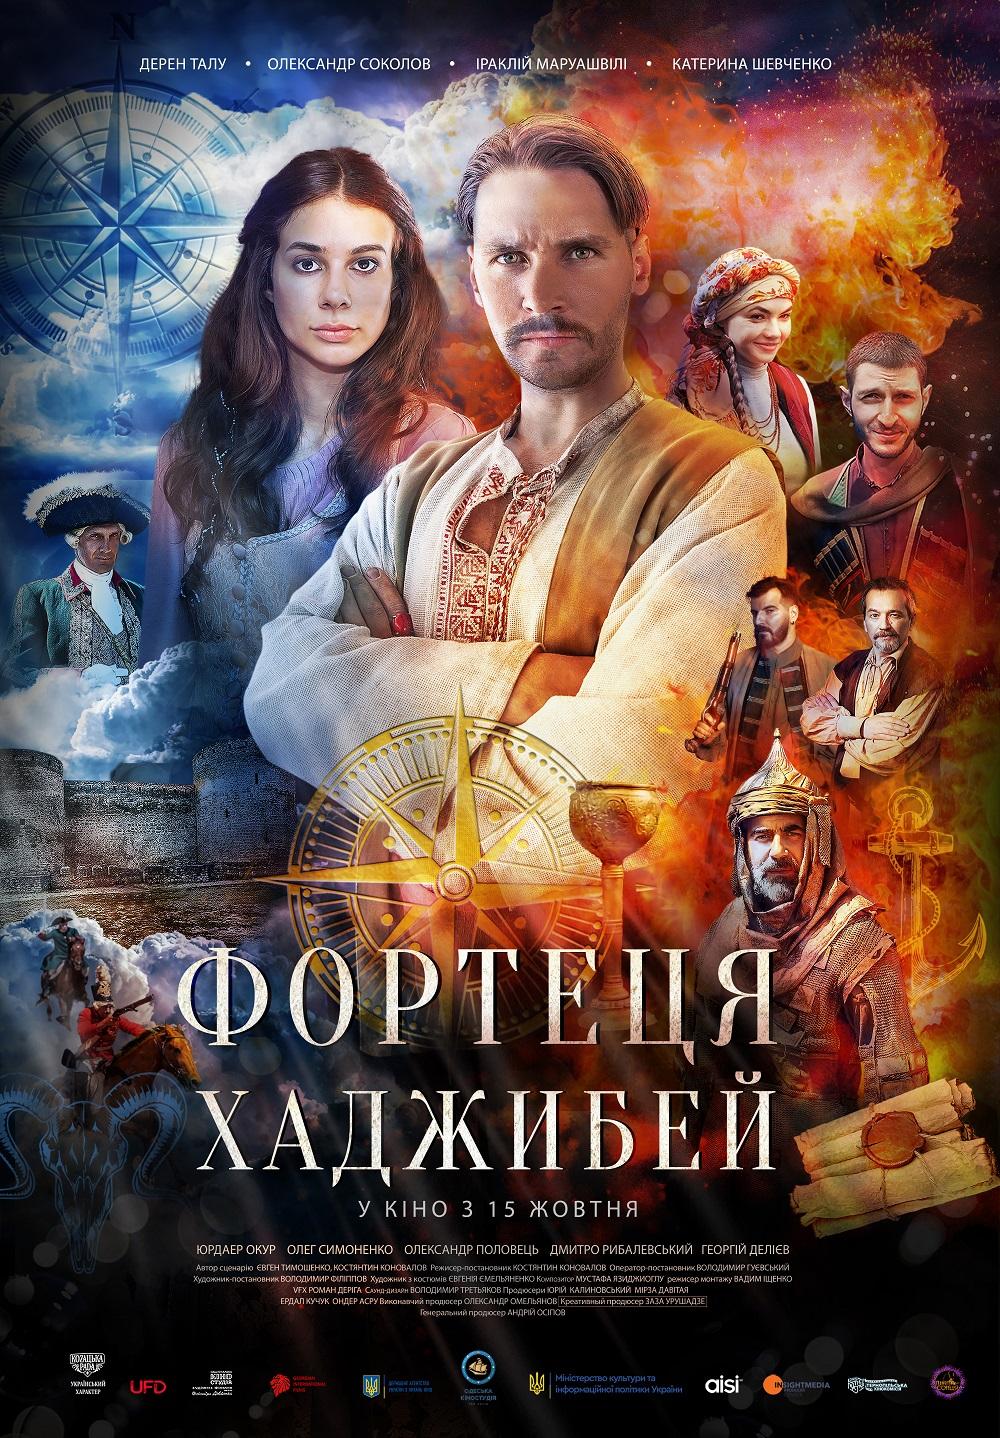 Вышел официальный постер фильма «Крепость Хаджибей»